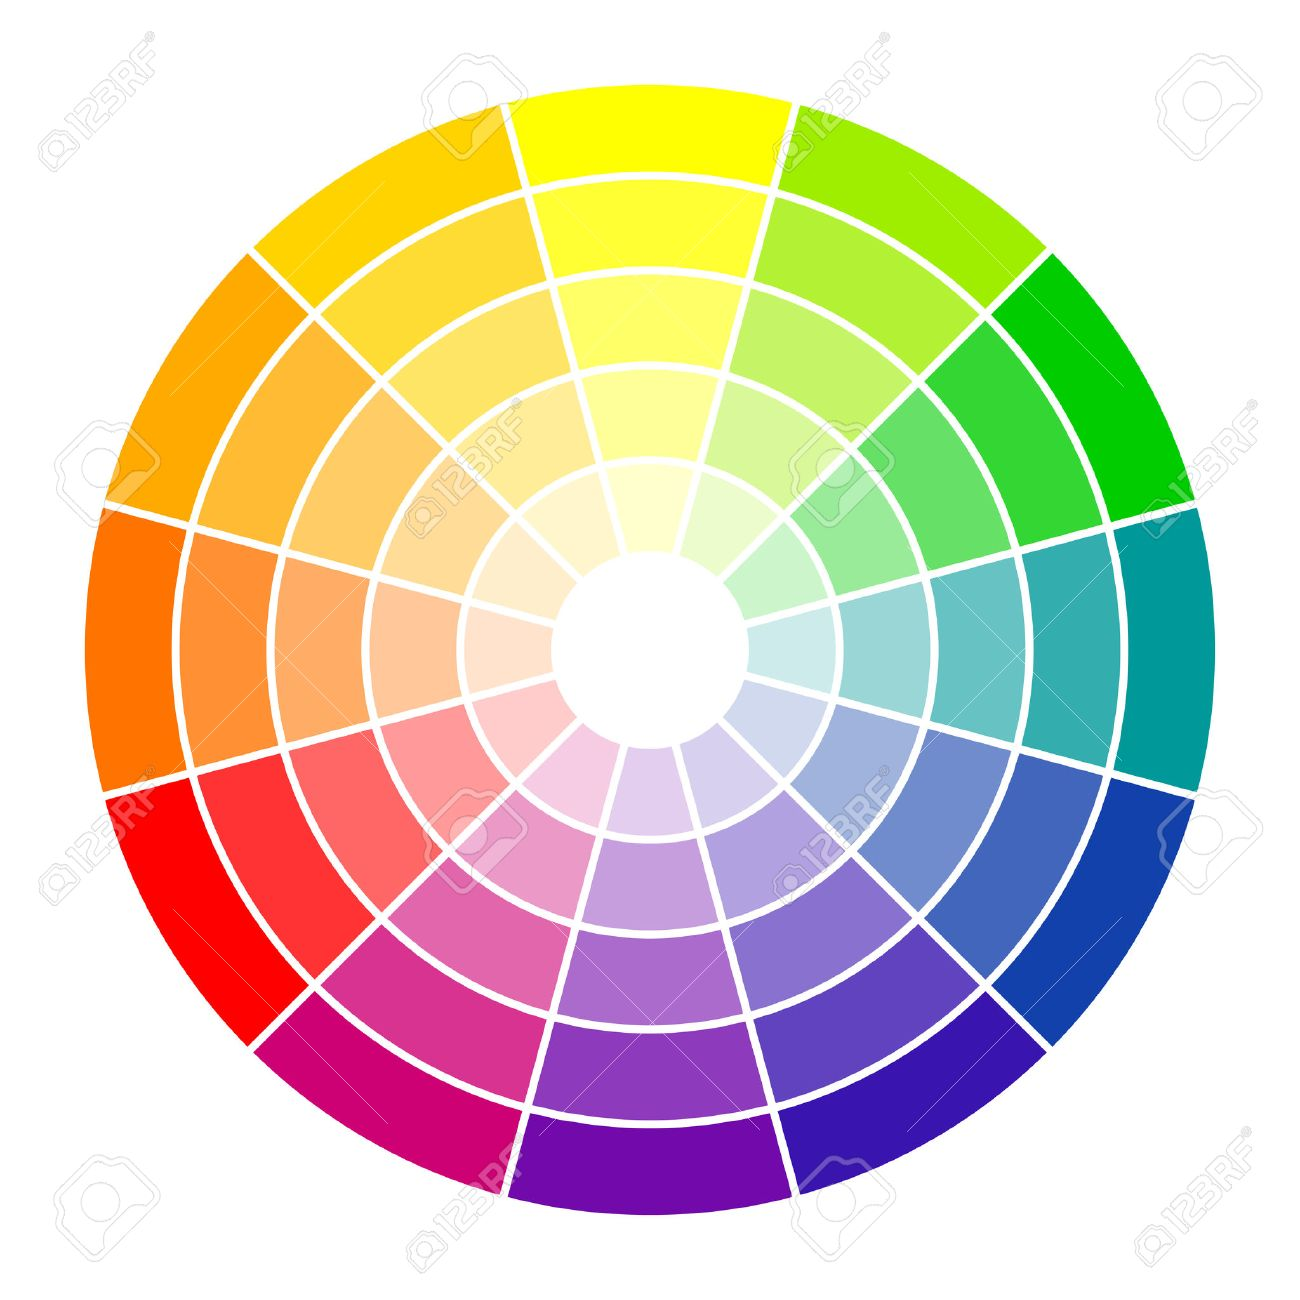 Color circle 12 colors - 32169552